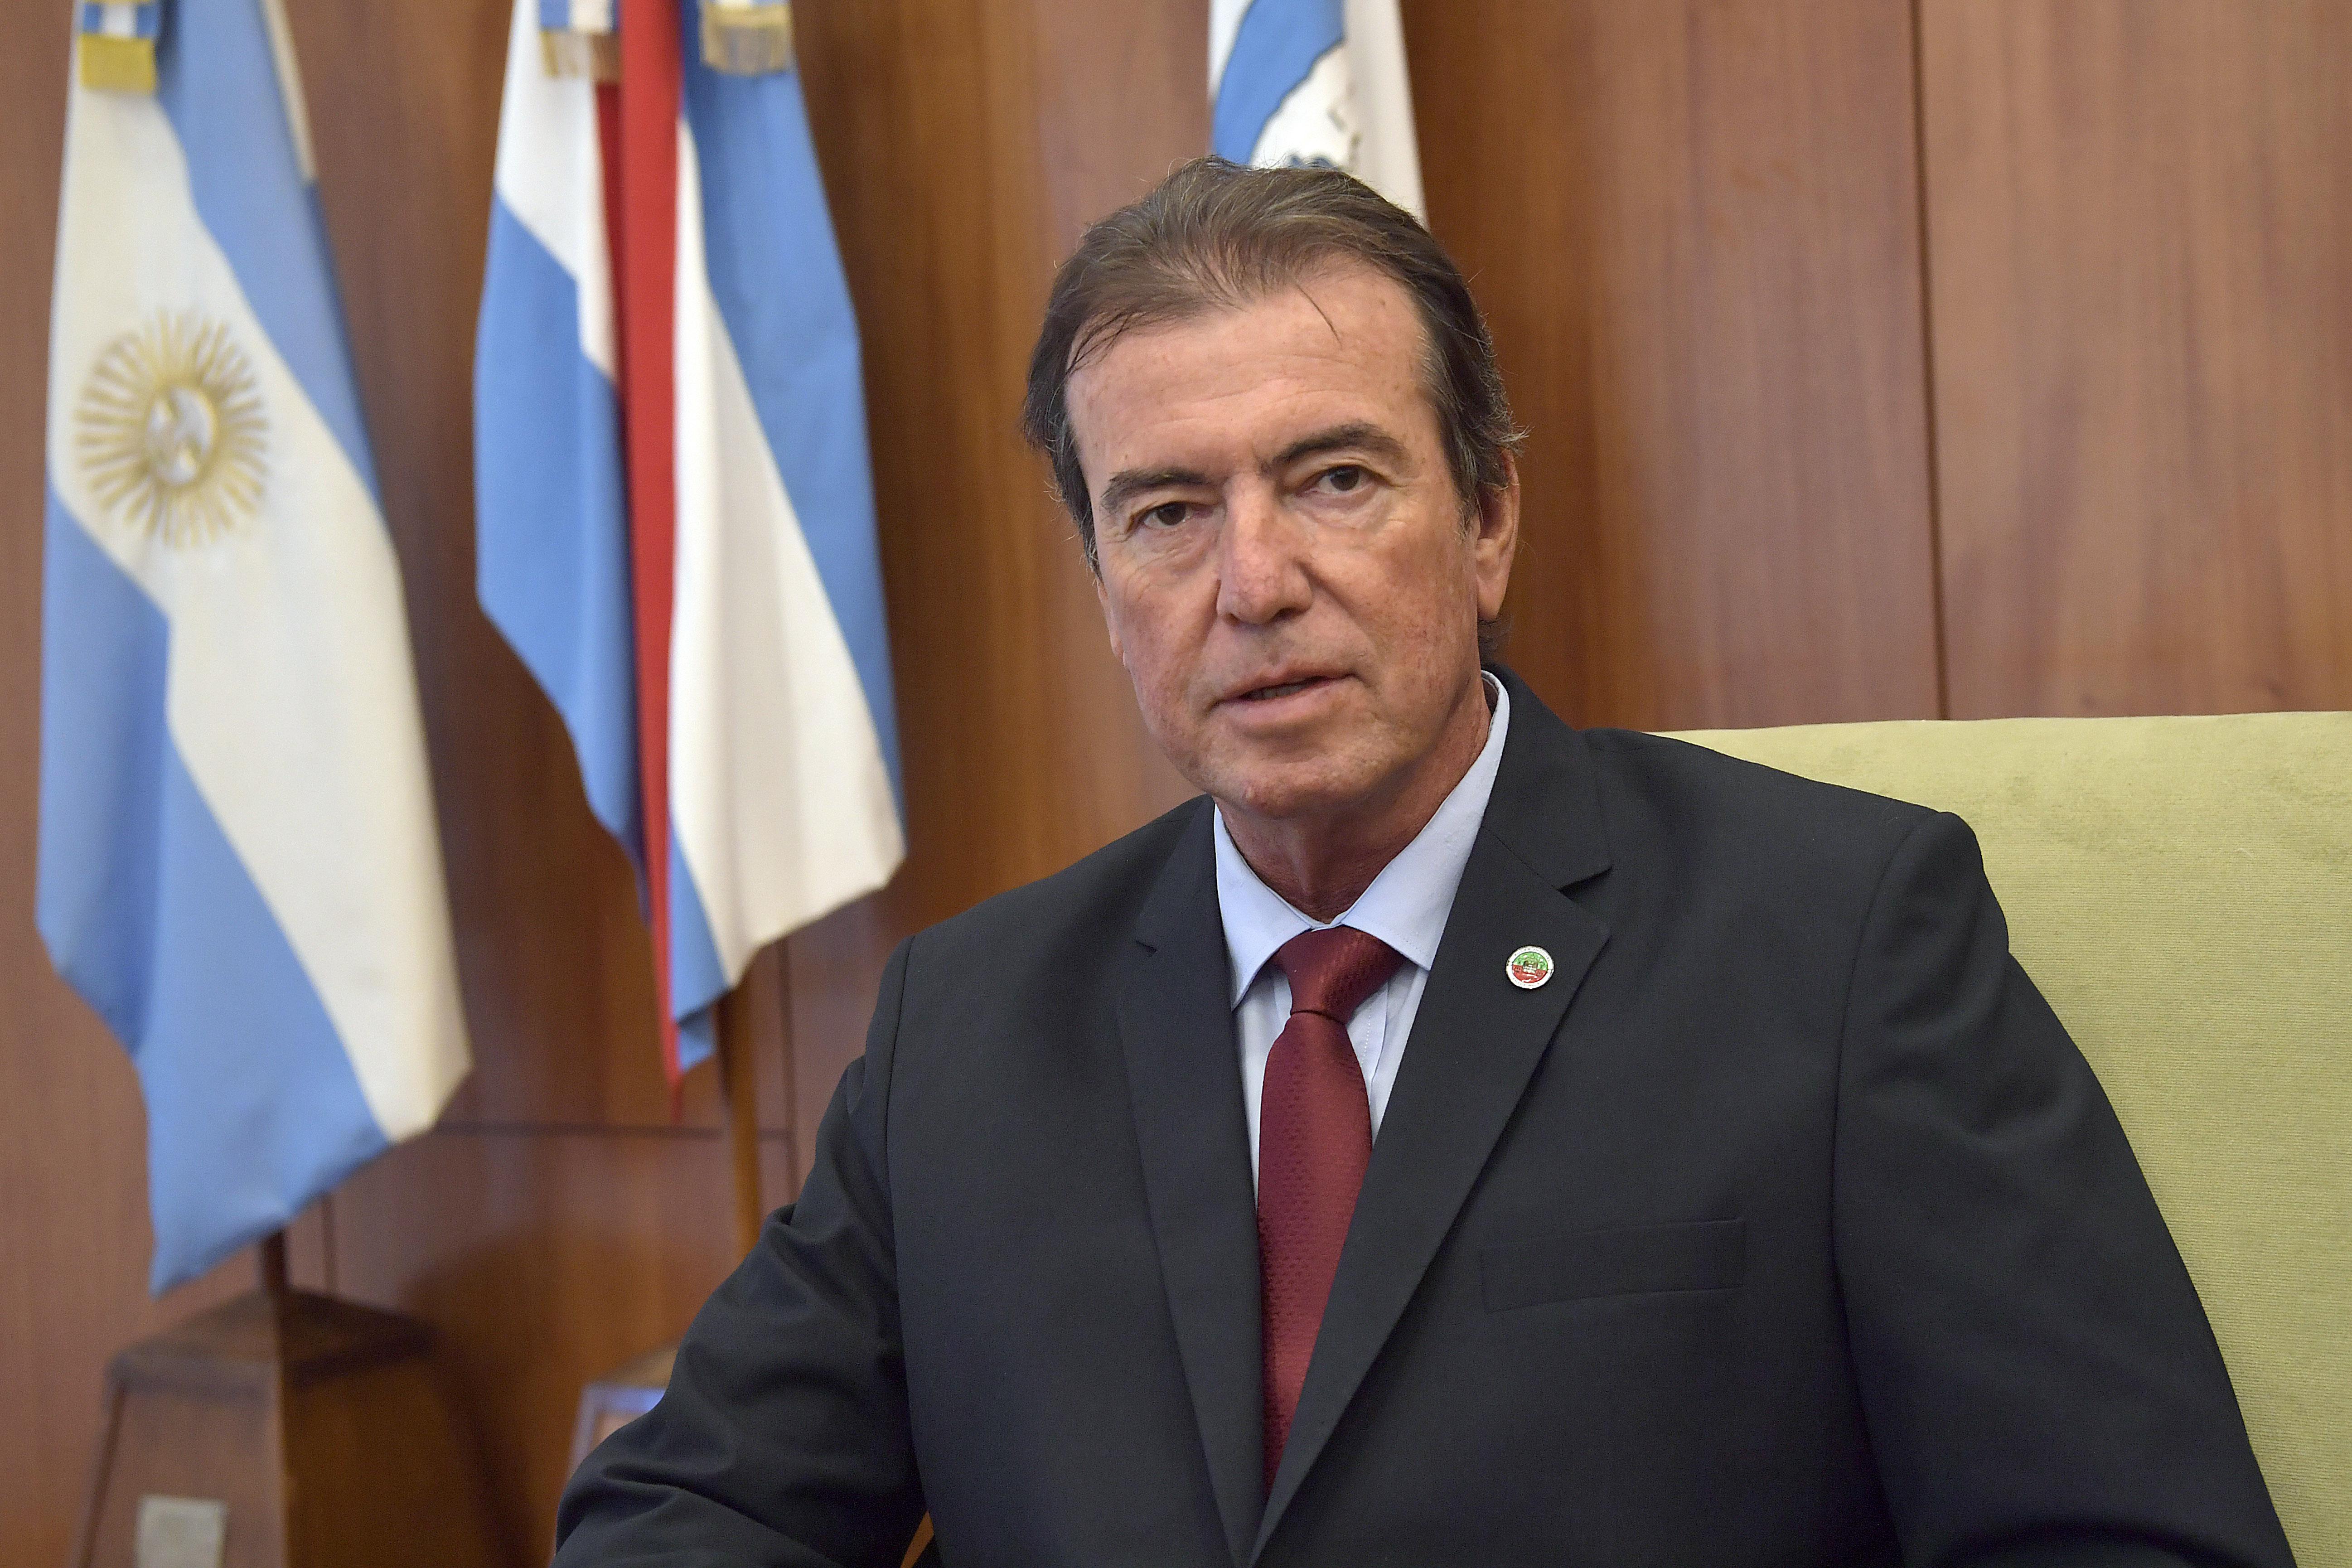 Dr. Emilio Castrillon